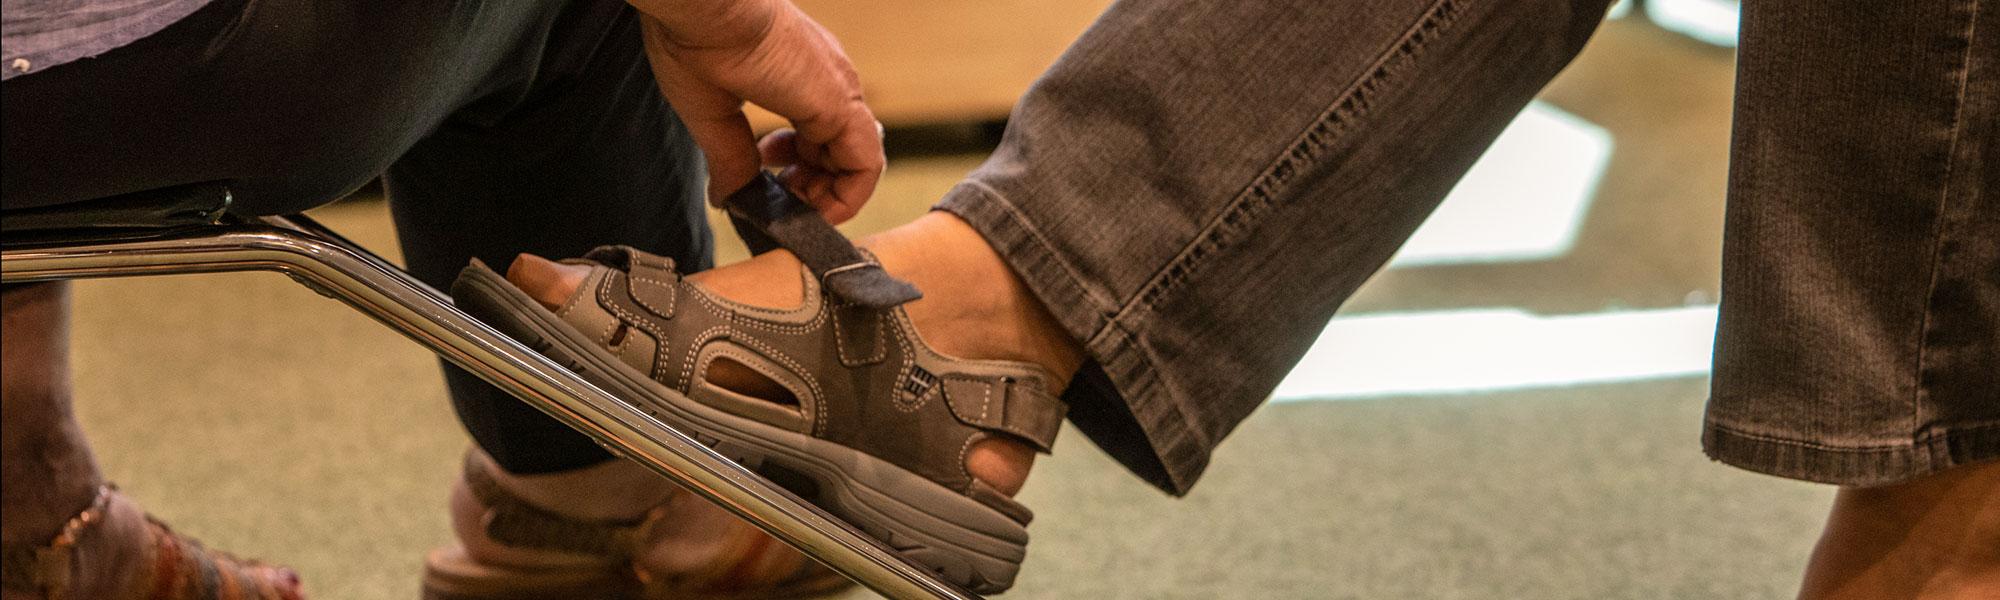 Beratung Schuhkauf